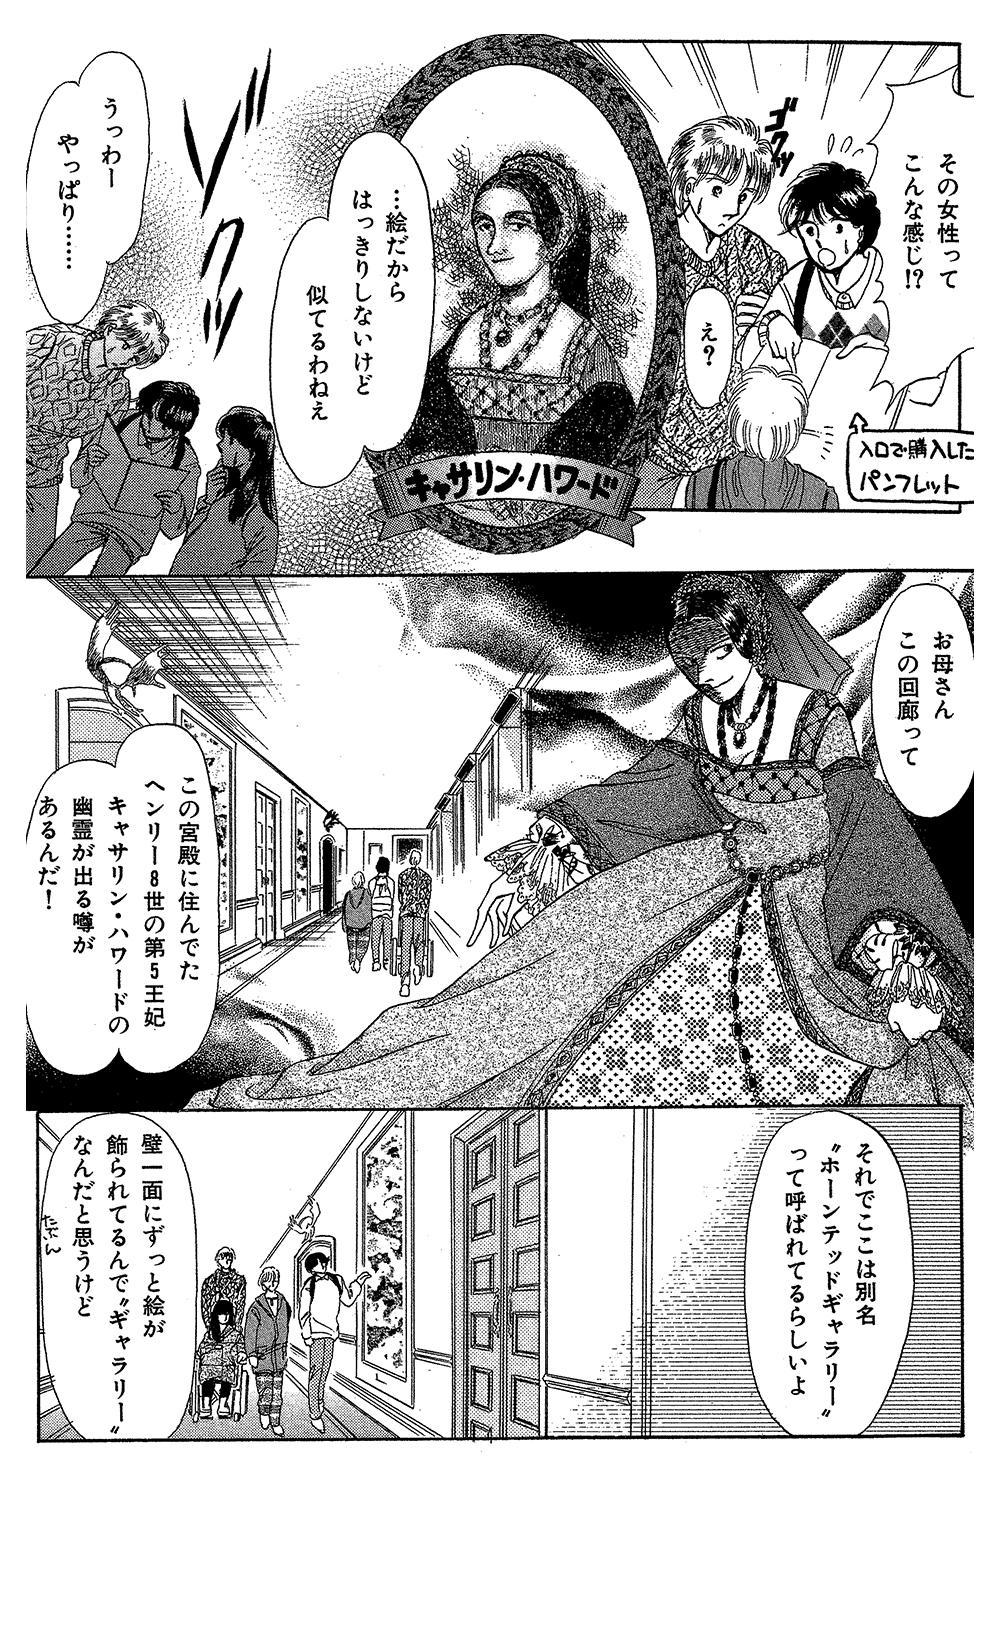 霊感ママシリーズ 第3話「英国ミステリーツアー」②reikanmama-01-80.jpg